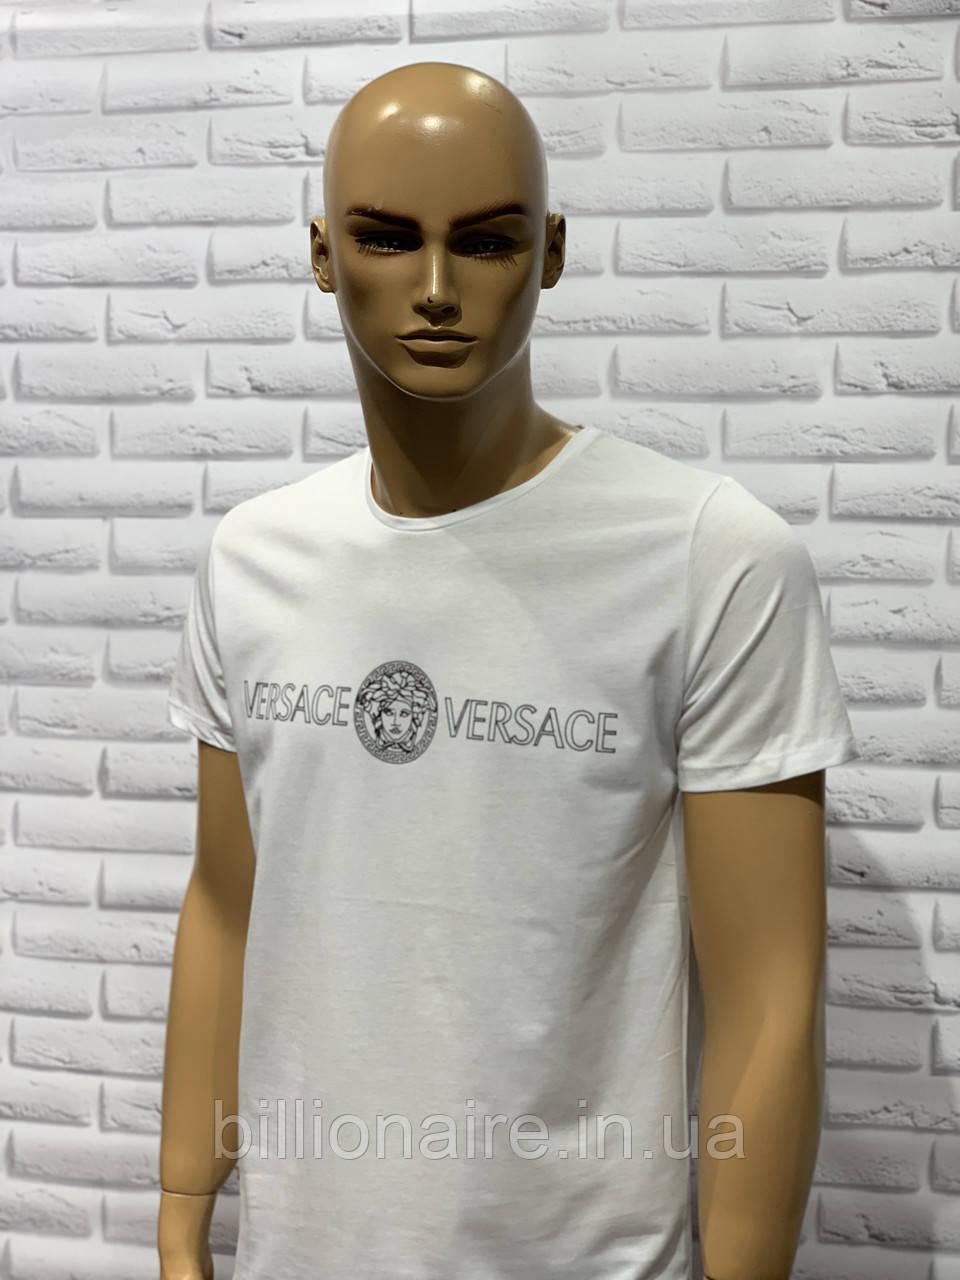 Футболка чоловіча Versace Репліка Білий